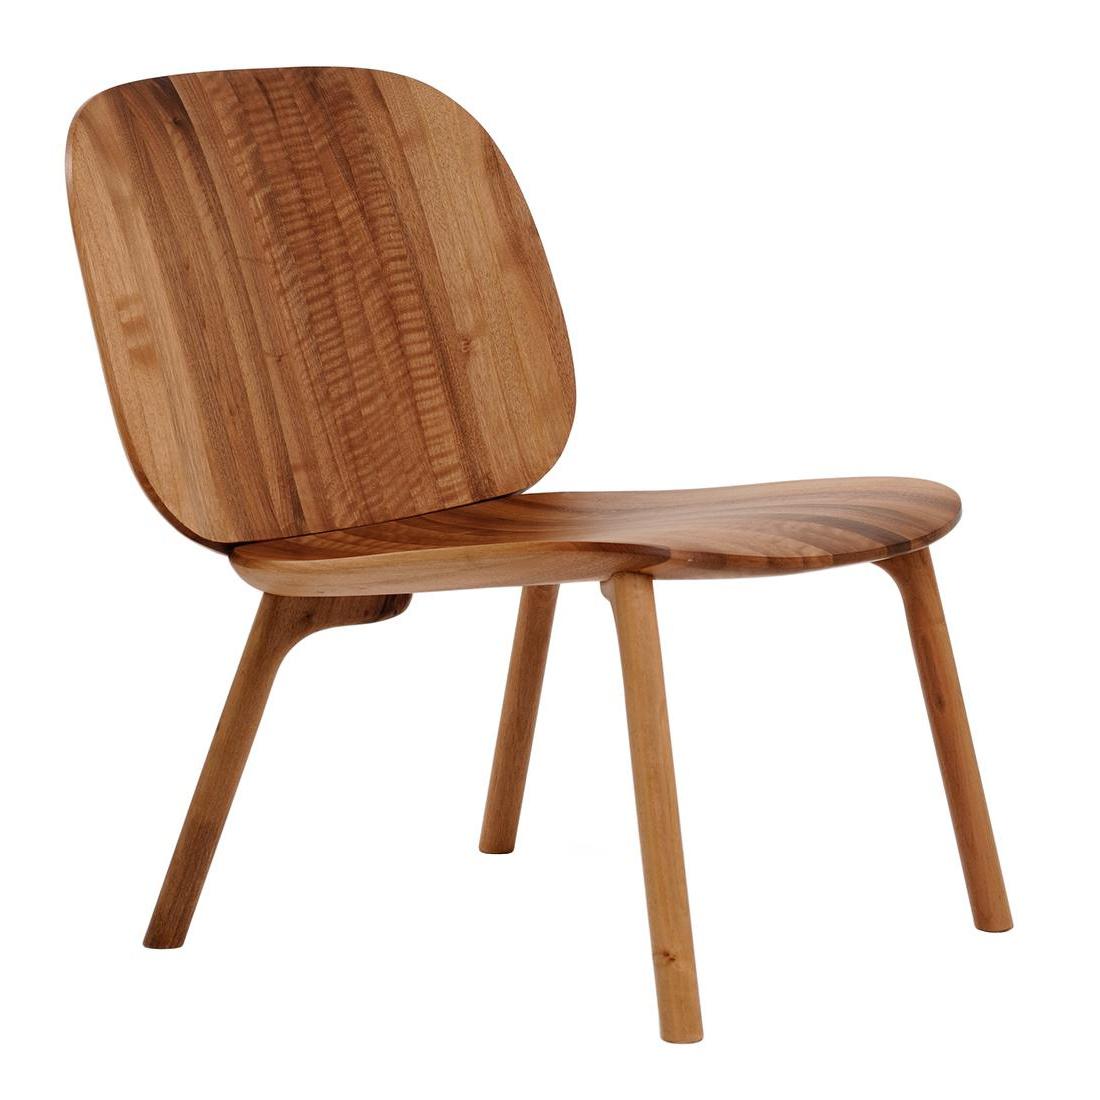 Zanat Loungesessel Online Kaufen Möbel Suchmaschine Ladendirektde